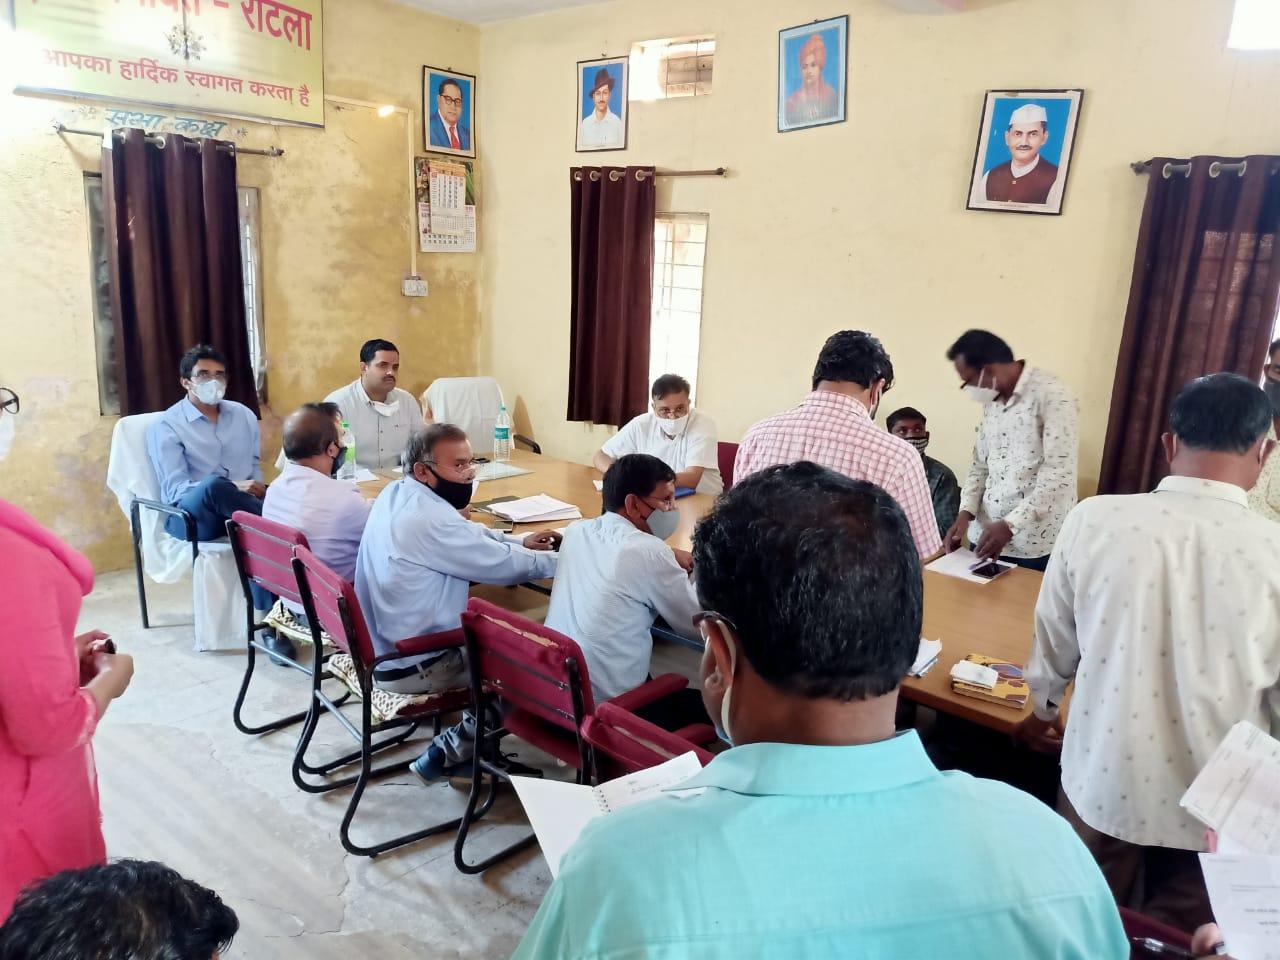 Jhabua News-  कलेक्टर रोहित सिंह द्वारा विभिन्न ग्रामों का भ्रमण कर निर्माण कार्यो की समीक्षा की